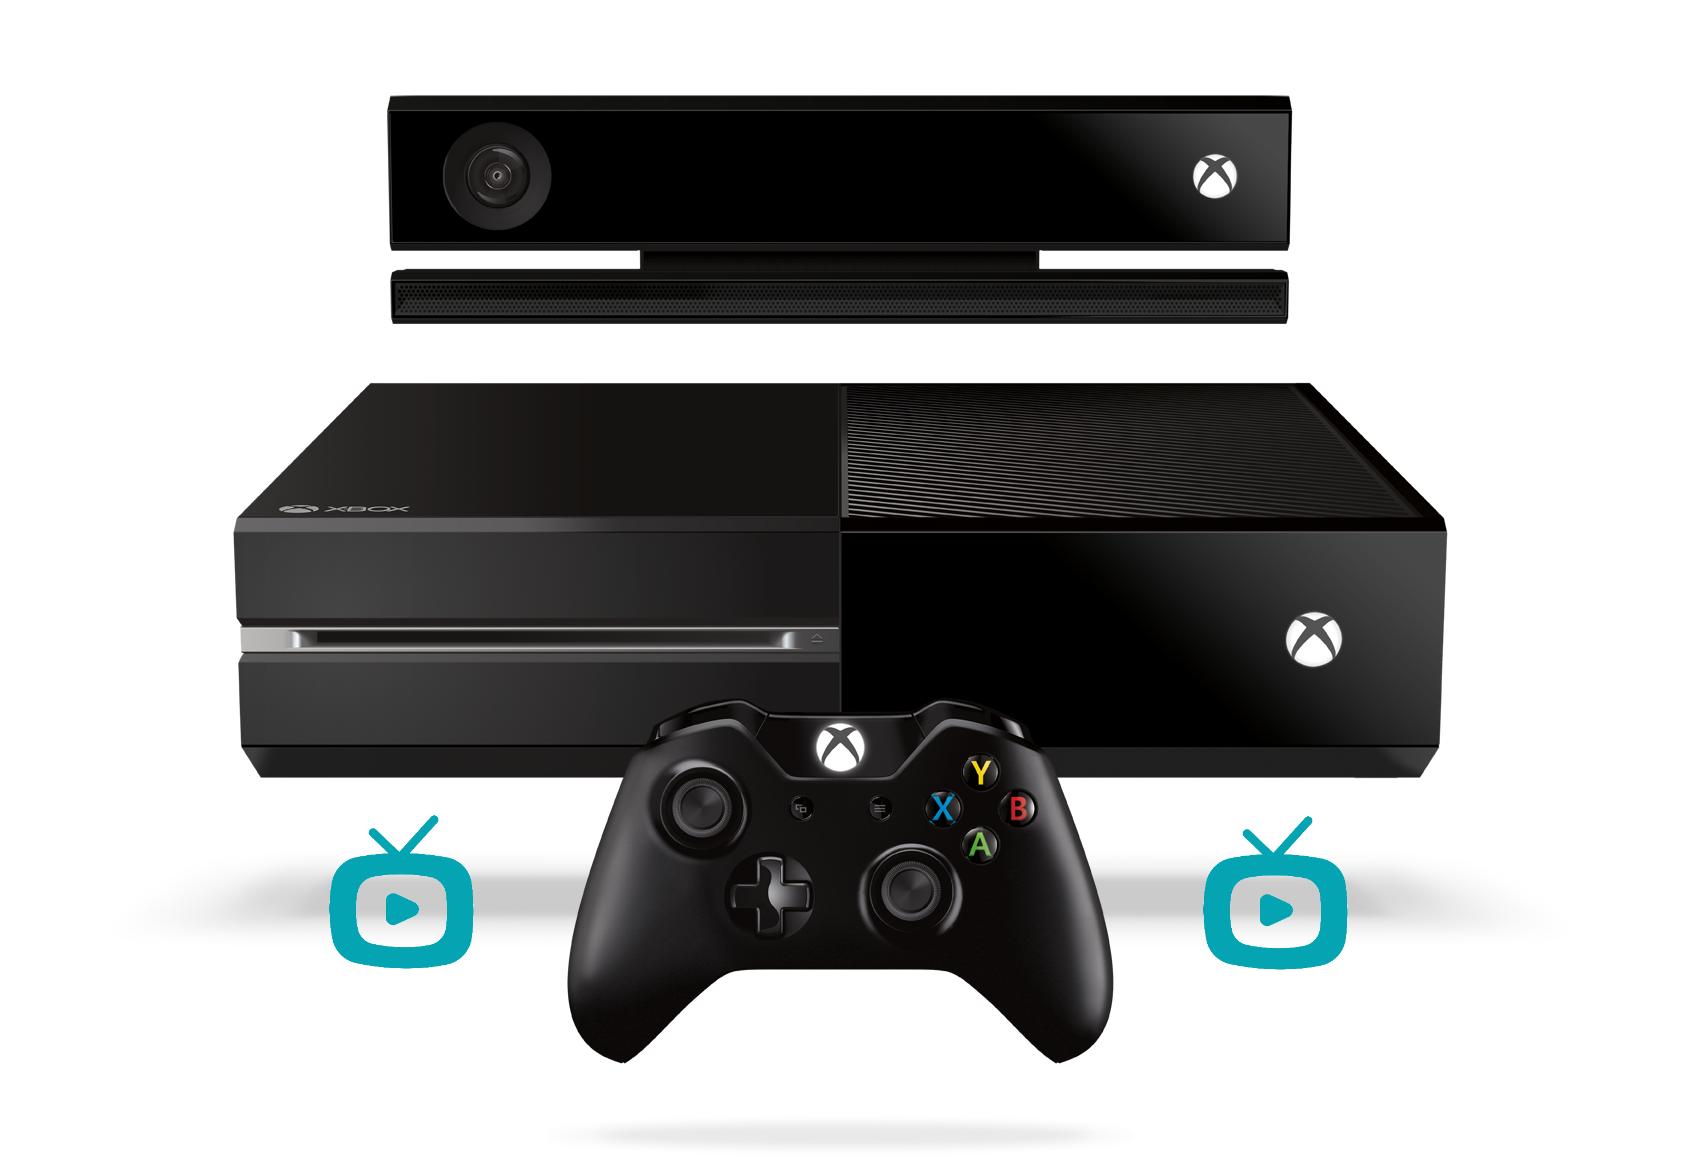 Xbox_Consle_Sensr_controllr_F_TransBG_RGB_2013.1369162732